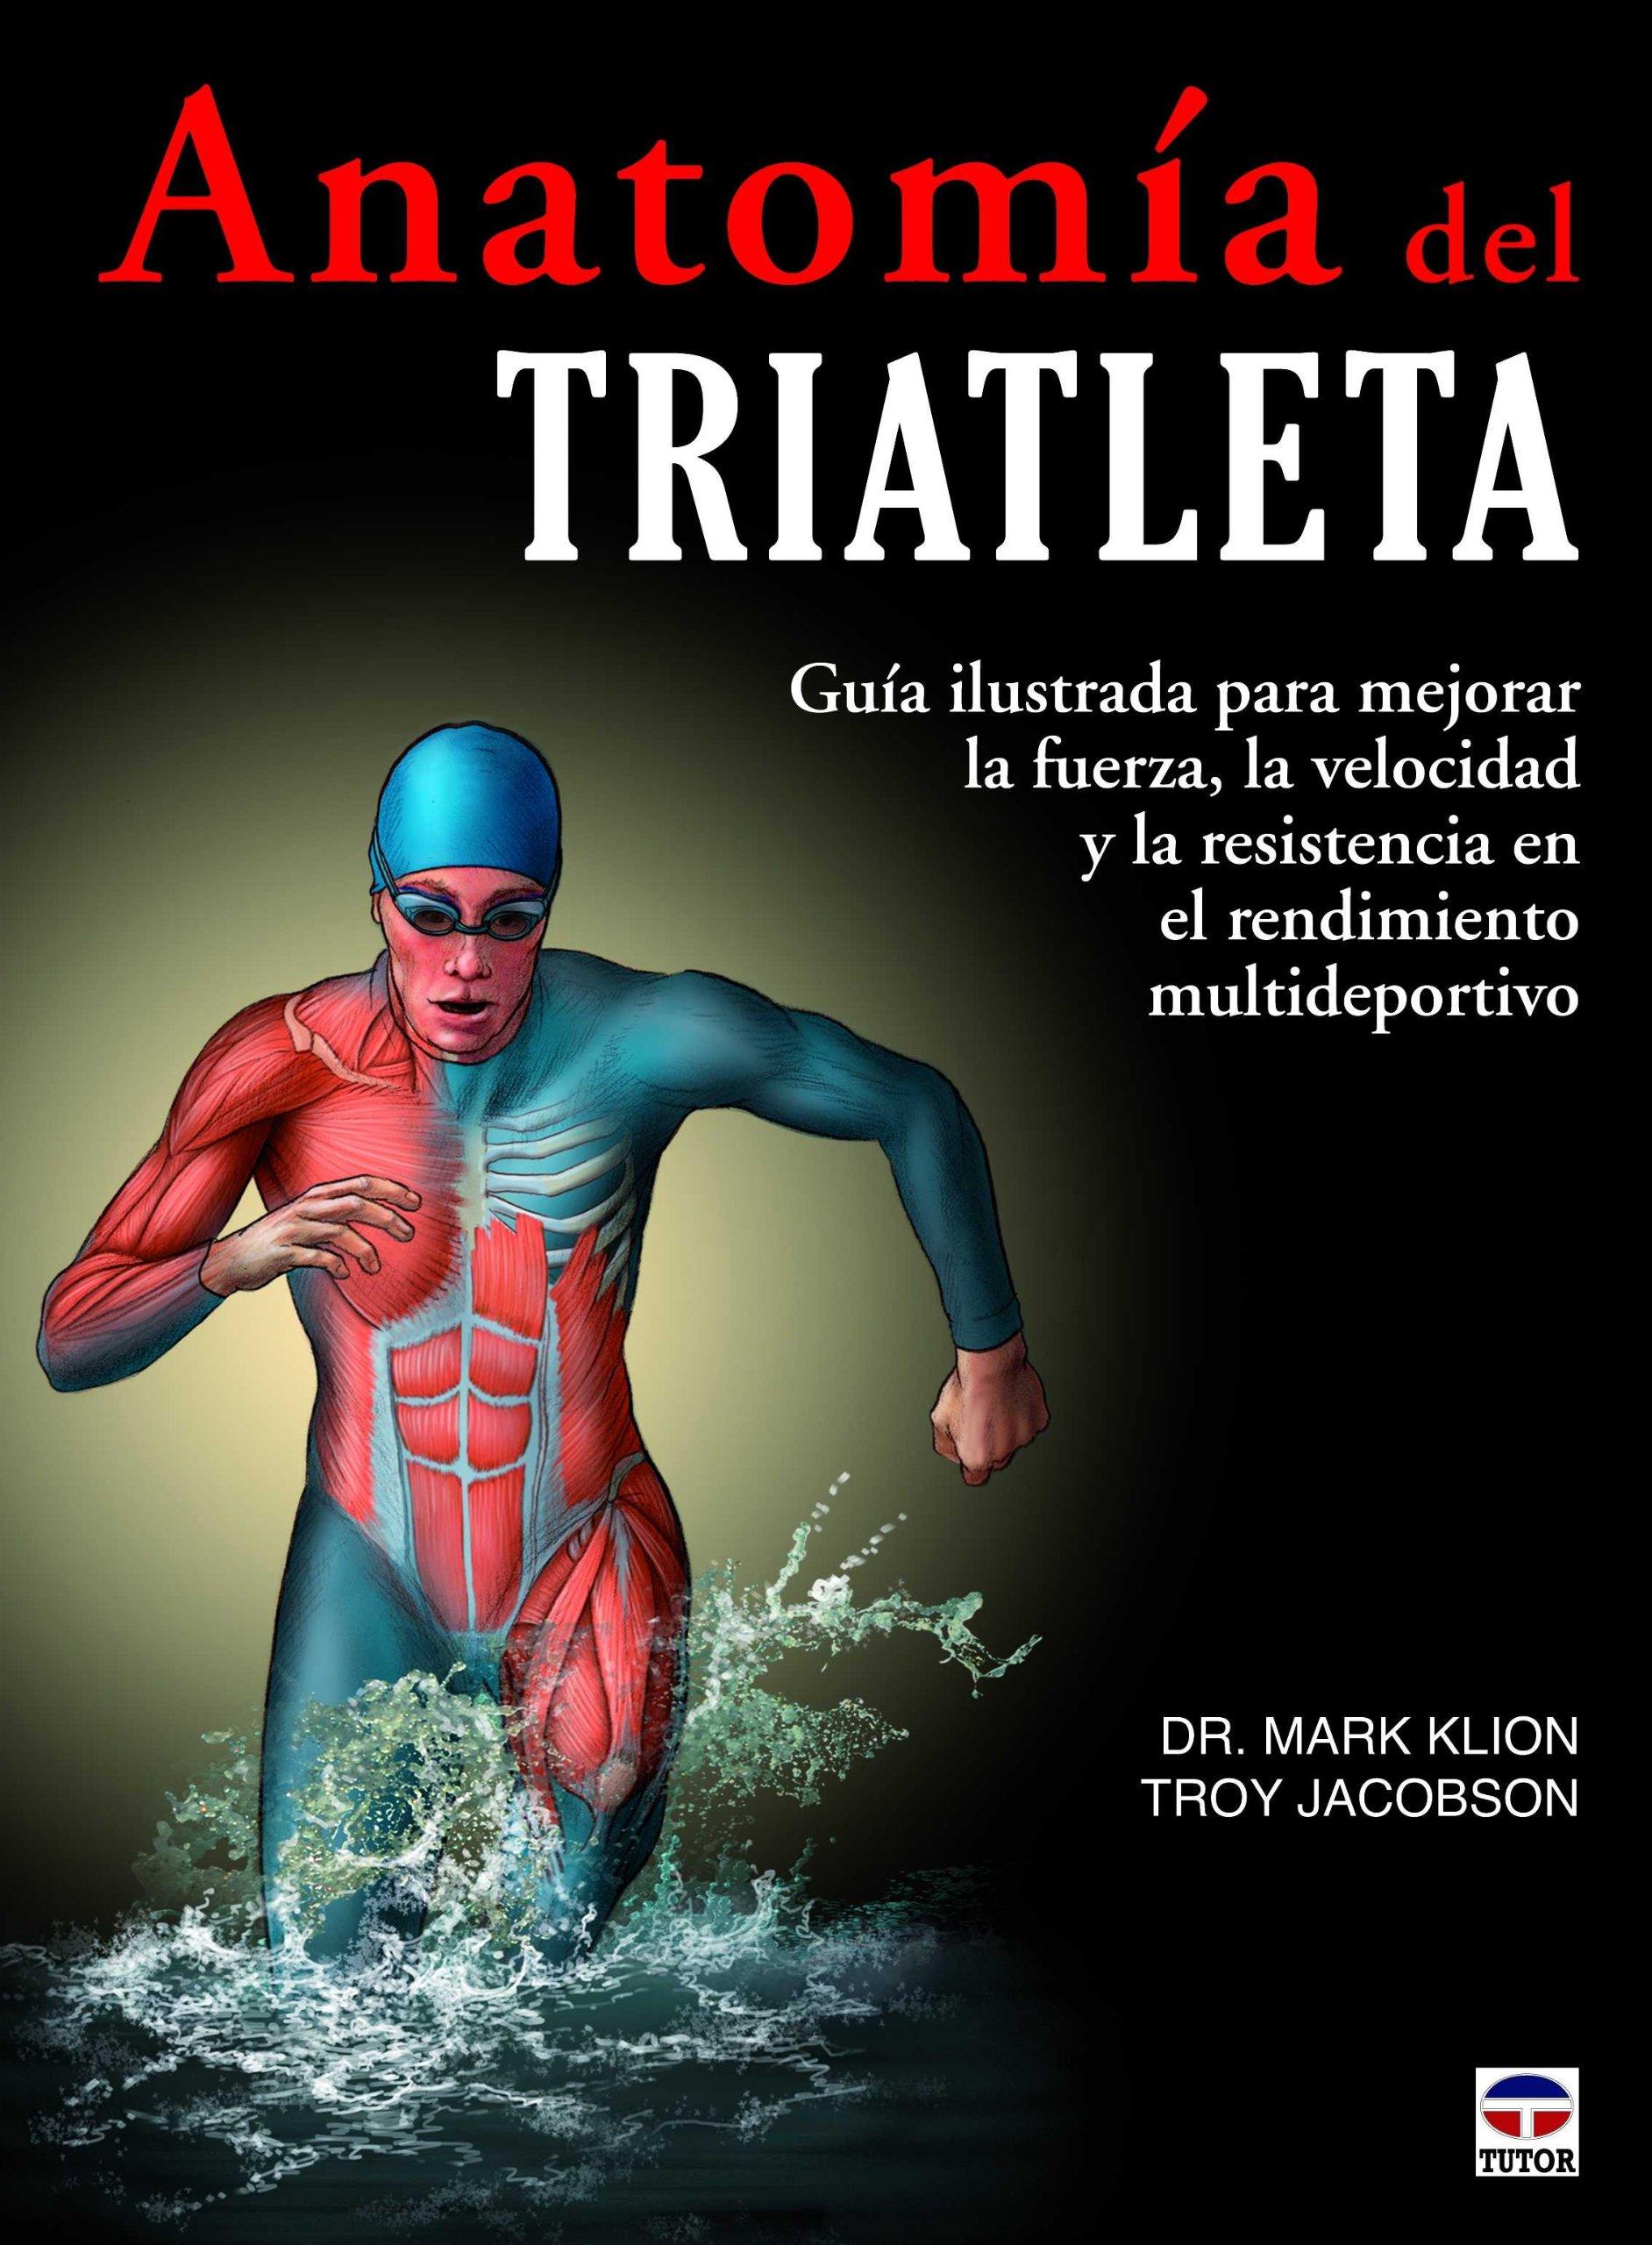 Anatomía del Triatleta: Amazon.es: Dr. Mark Klion Troy Jacobson: Libros